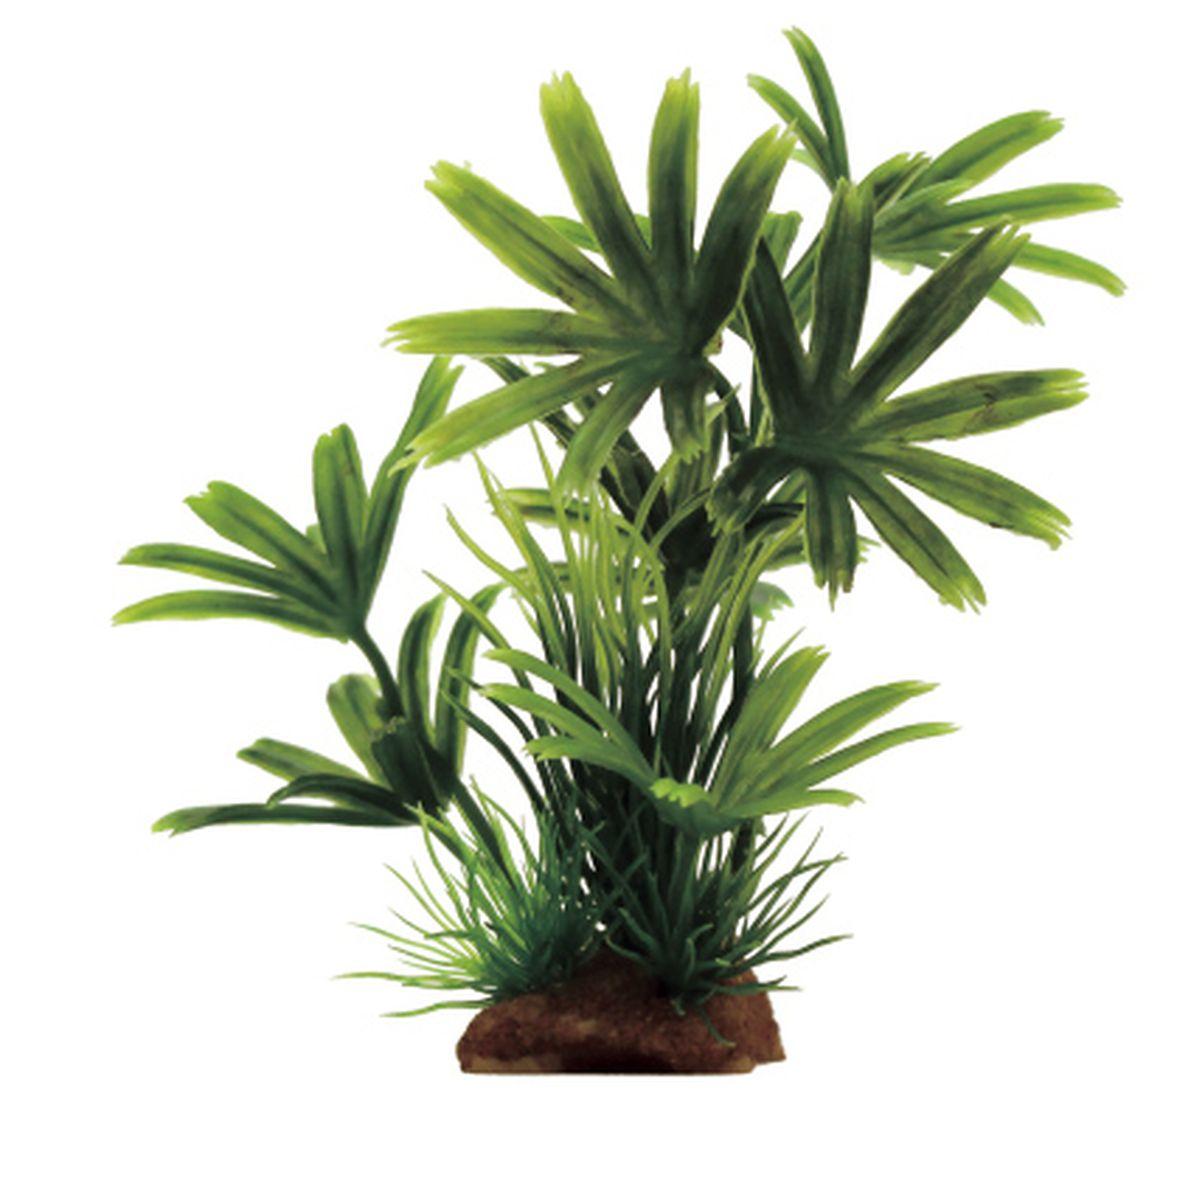 Композиция из растений для аквариума ArtUniq Пальма зеленая, 13 x 5 x 15 смART-1130911Композиция из растений для аквариума ArtUniq Пальма зеленая, 13 x 5 x 15 см